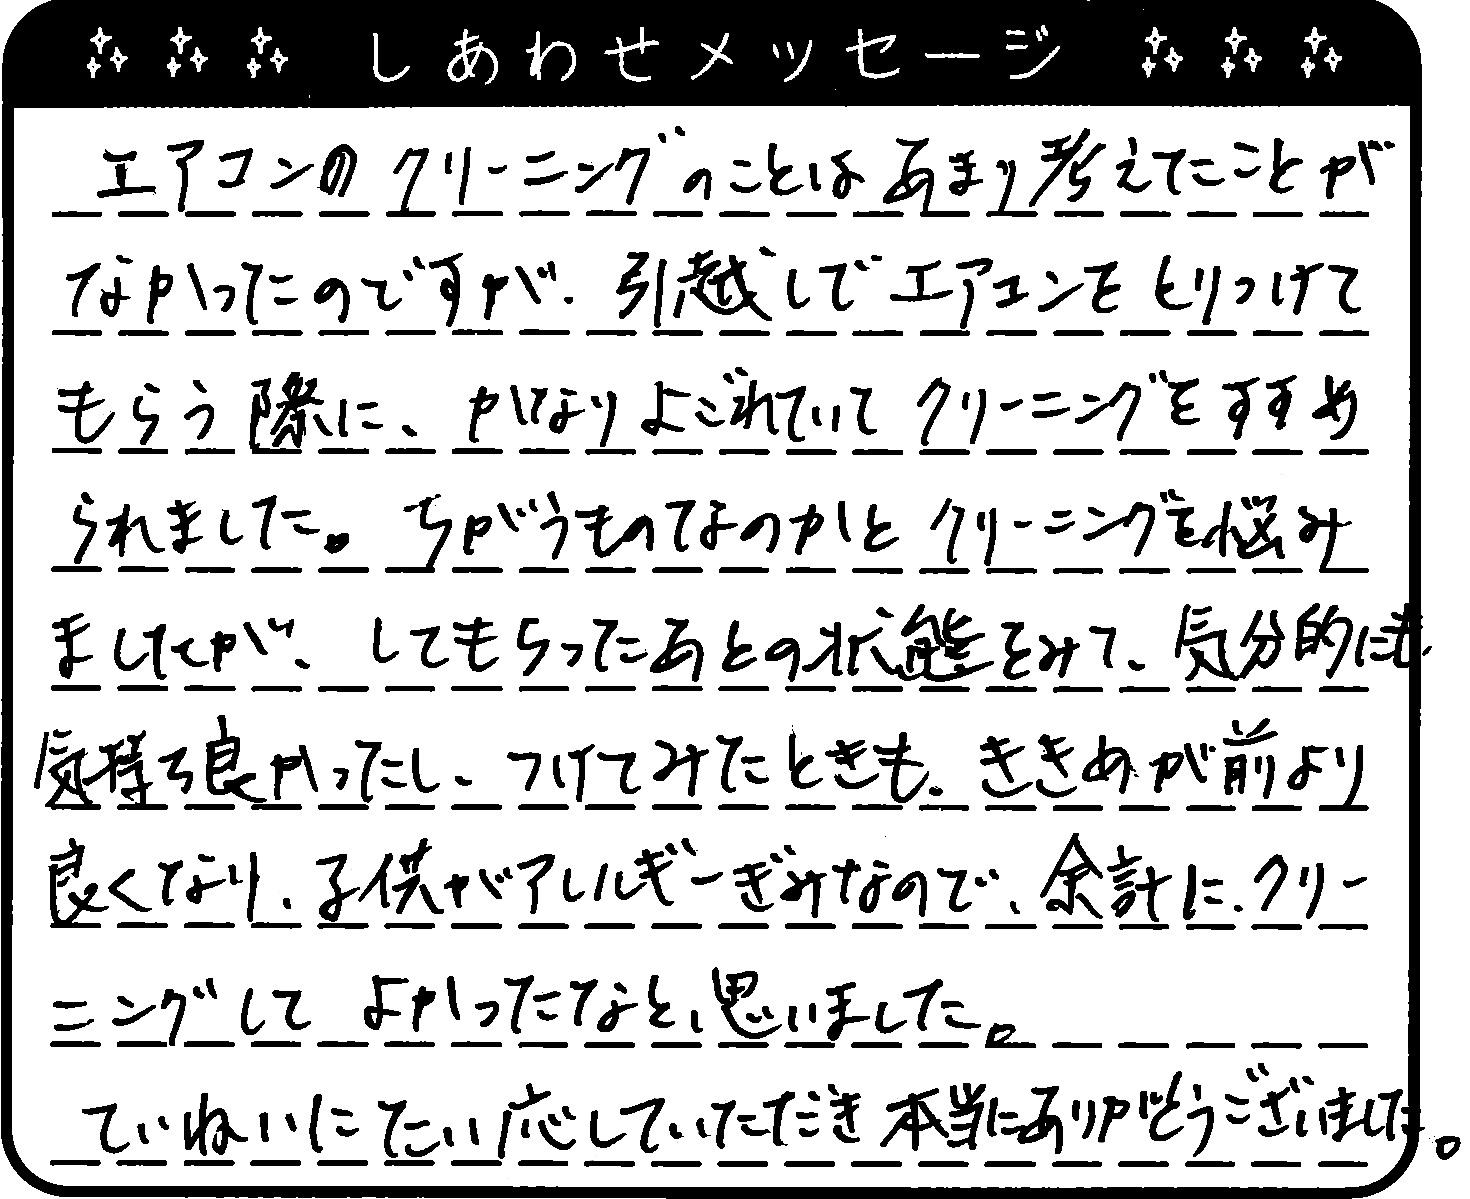 広島県 T様からのしあわせメッセージ